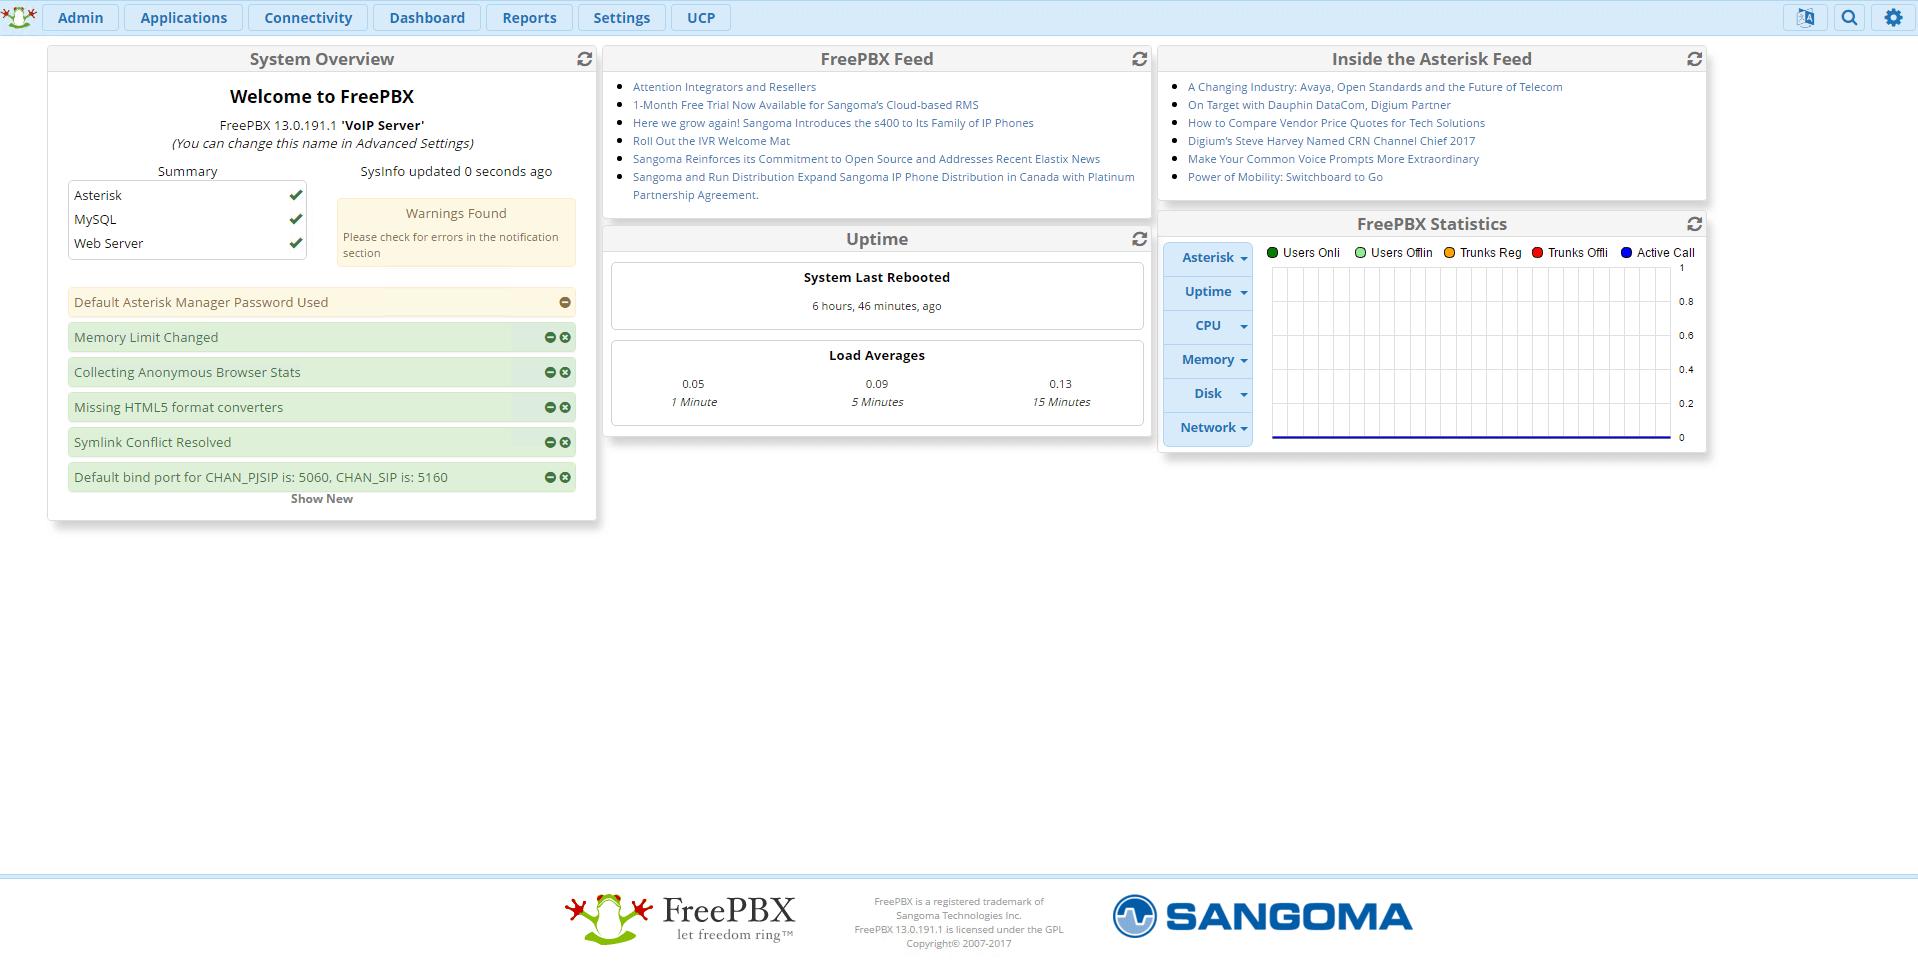 FreePBX 13 работает исправно на Asterisk